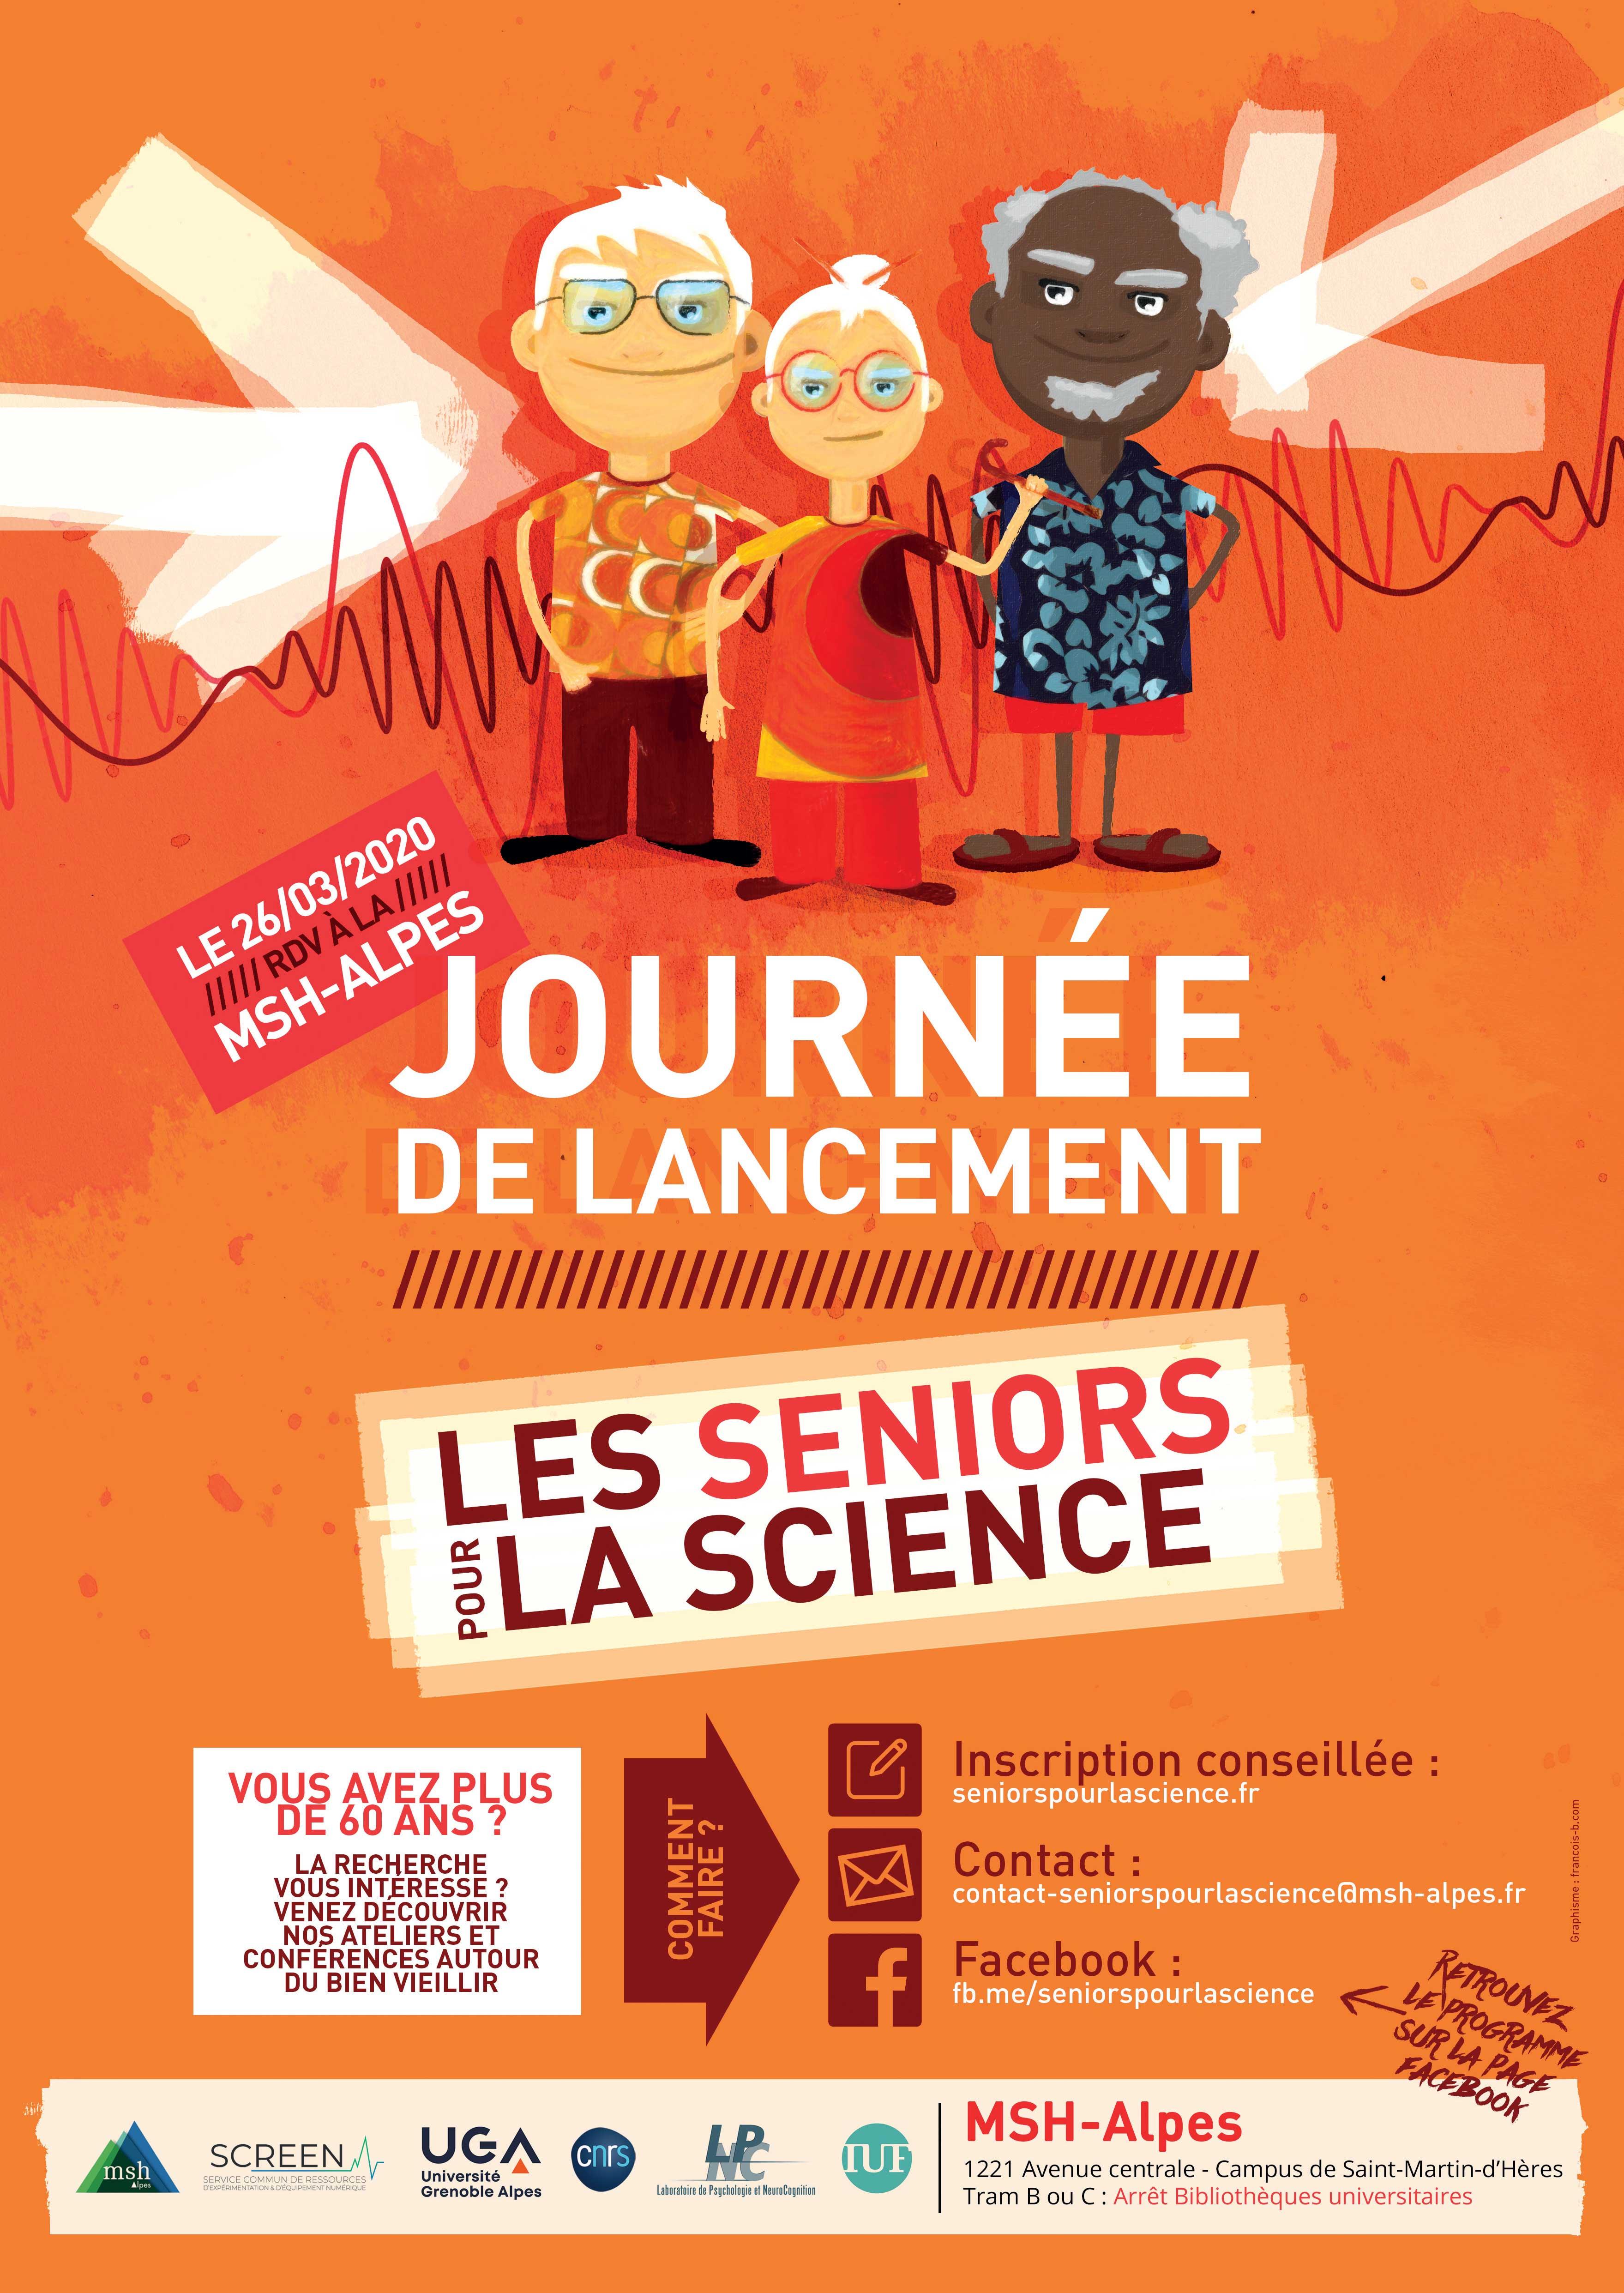 Les Seniors pour la science